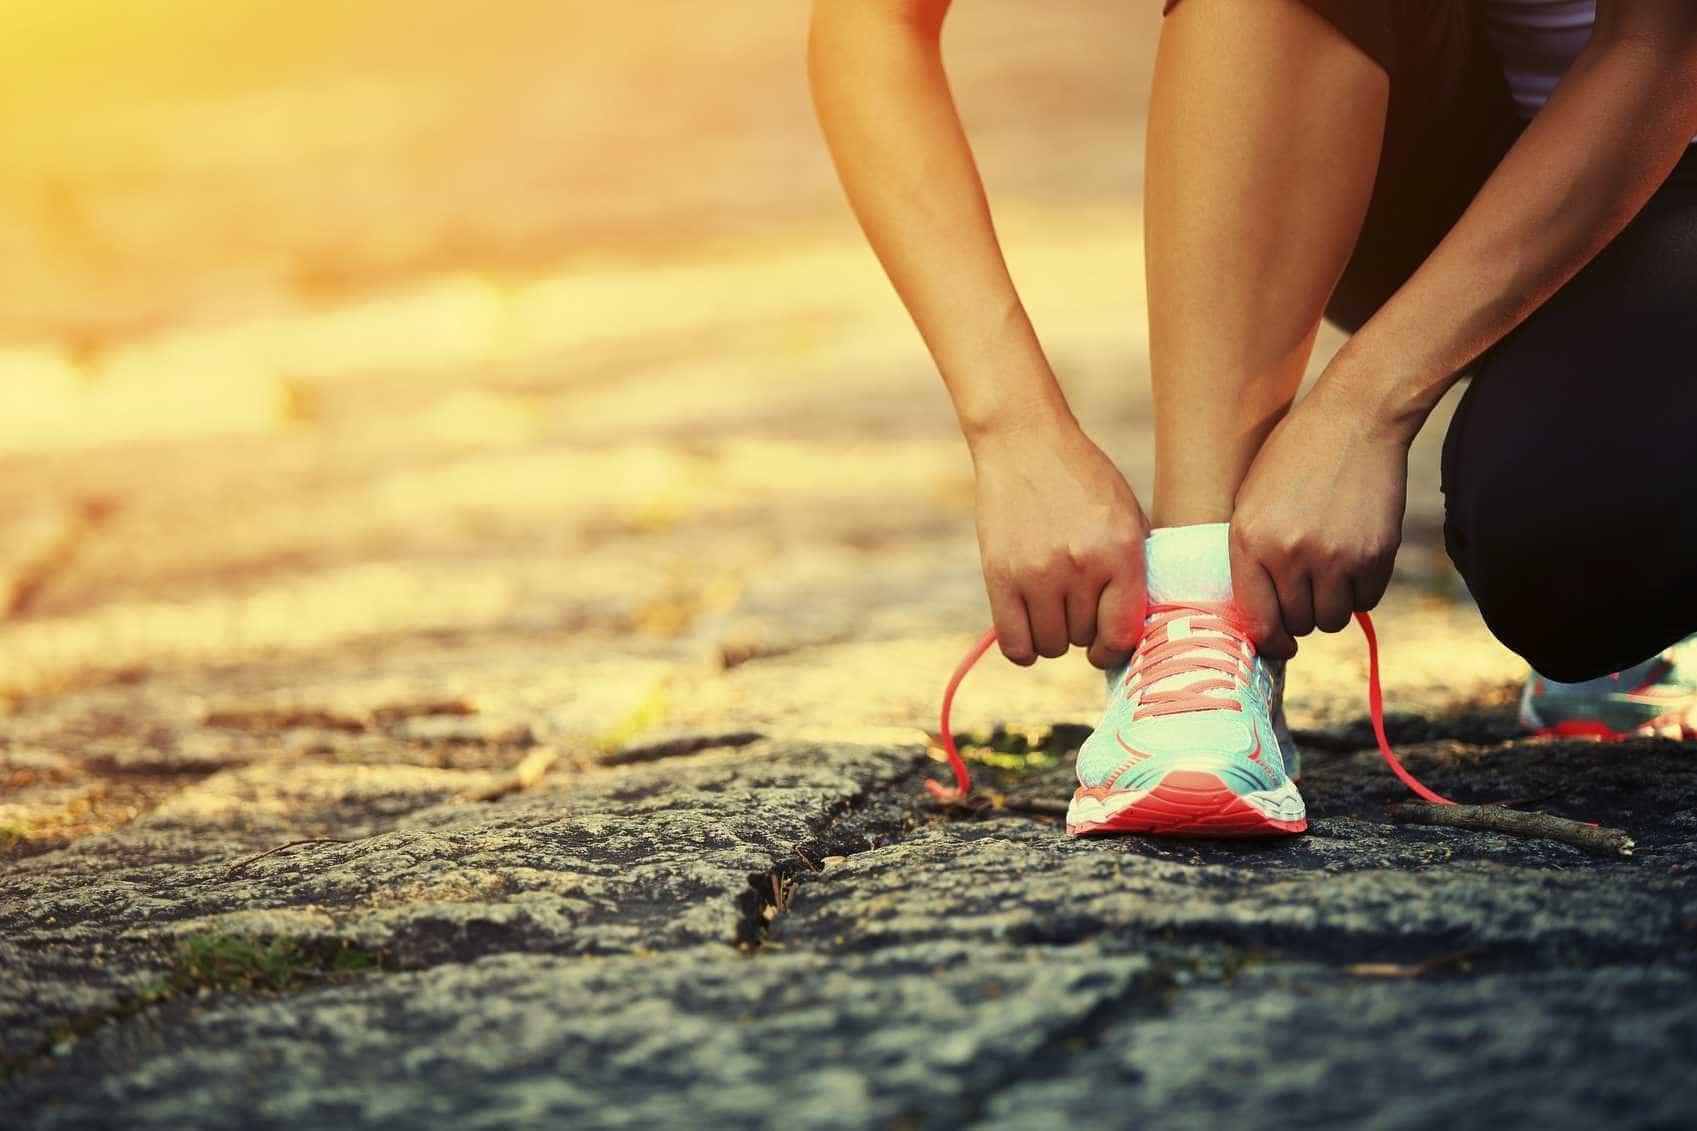 O melhor para correr são… sapatilhas sem calcanhar, diz empresa espanhola